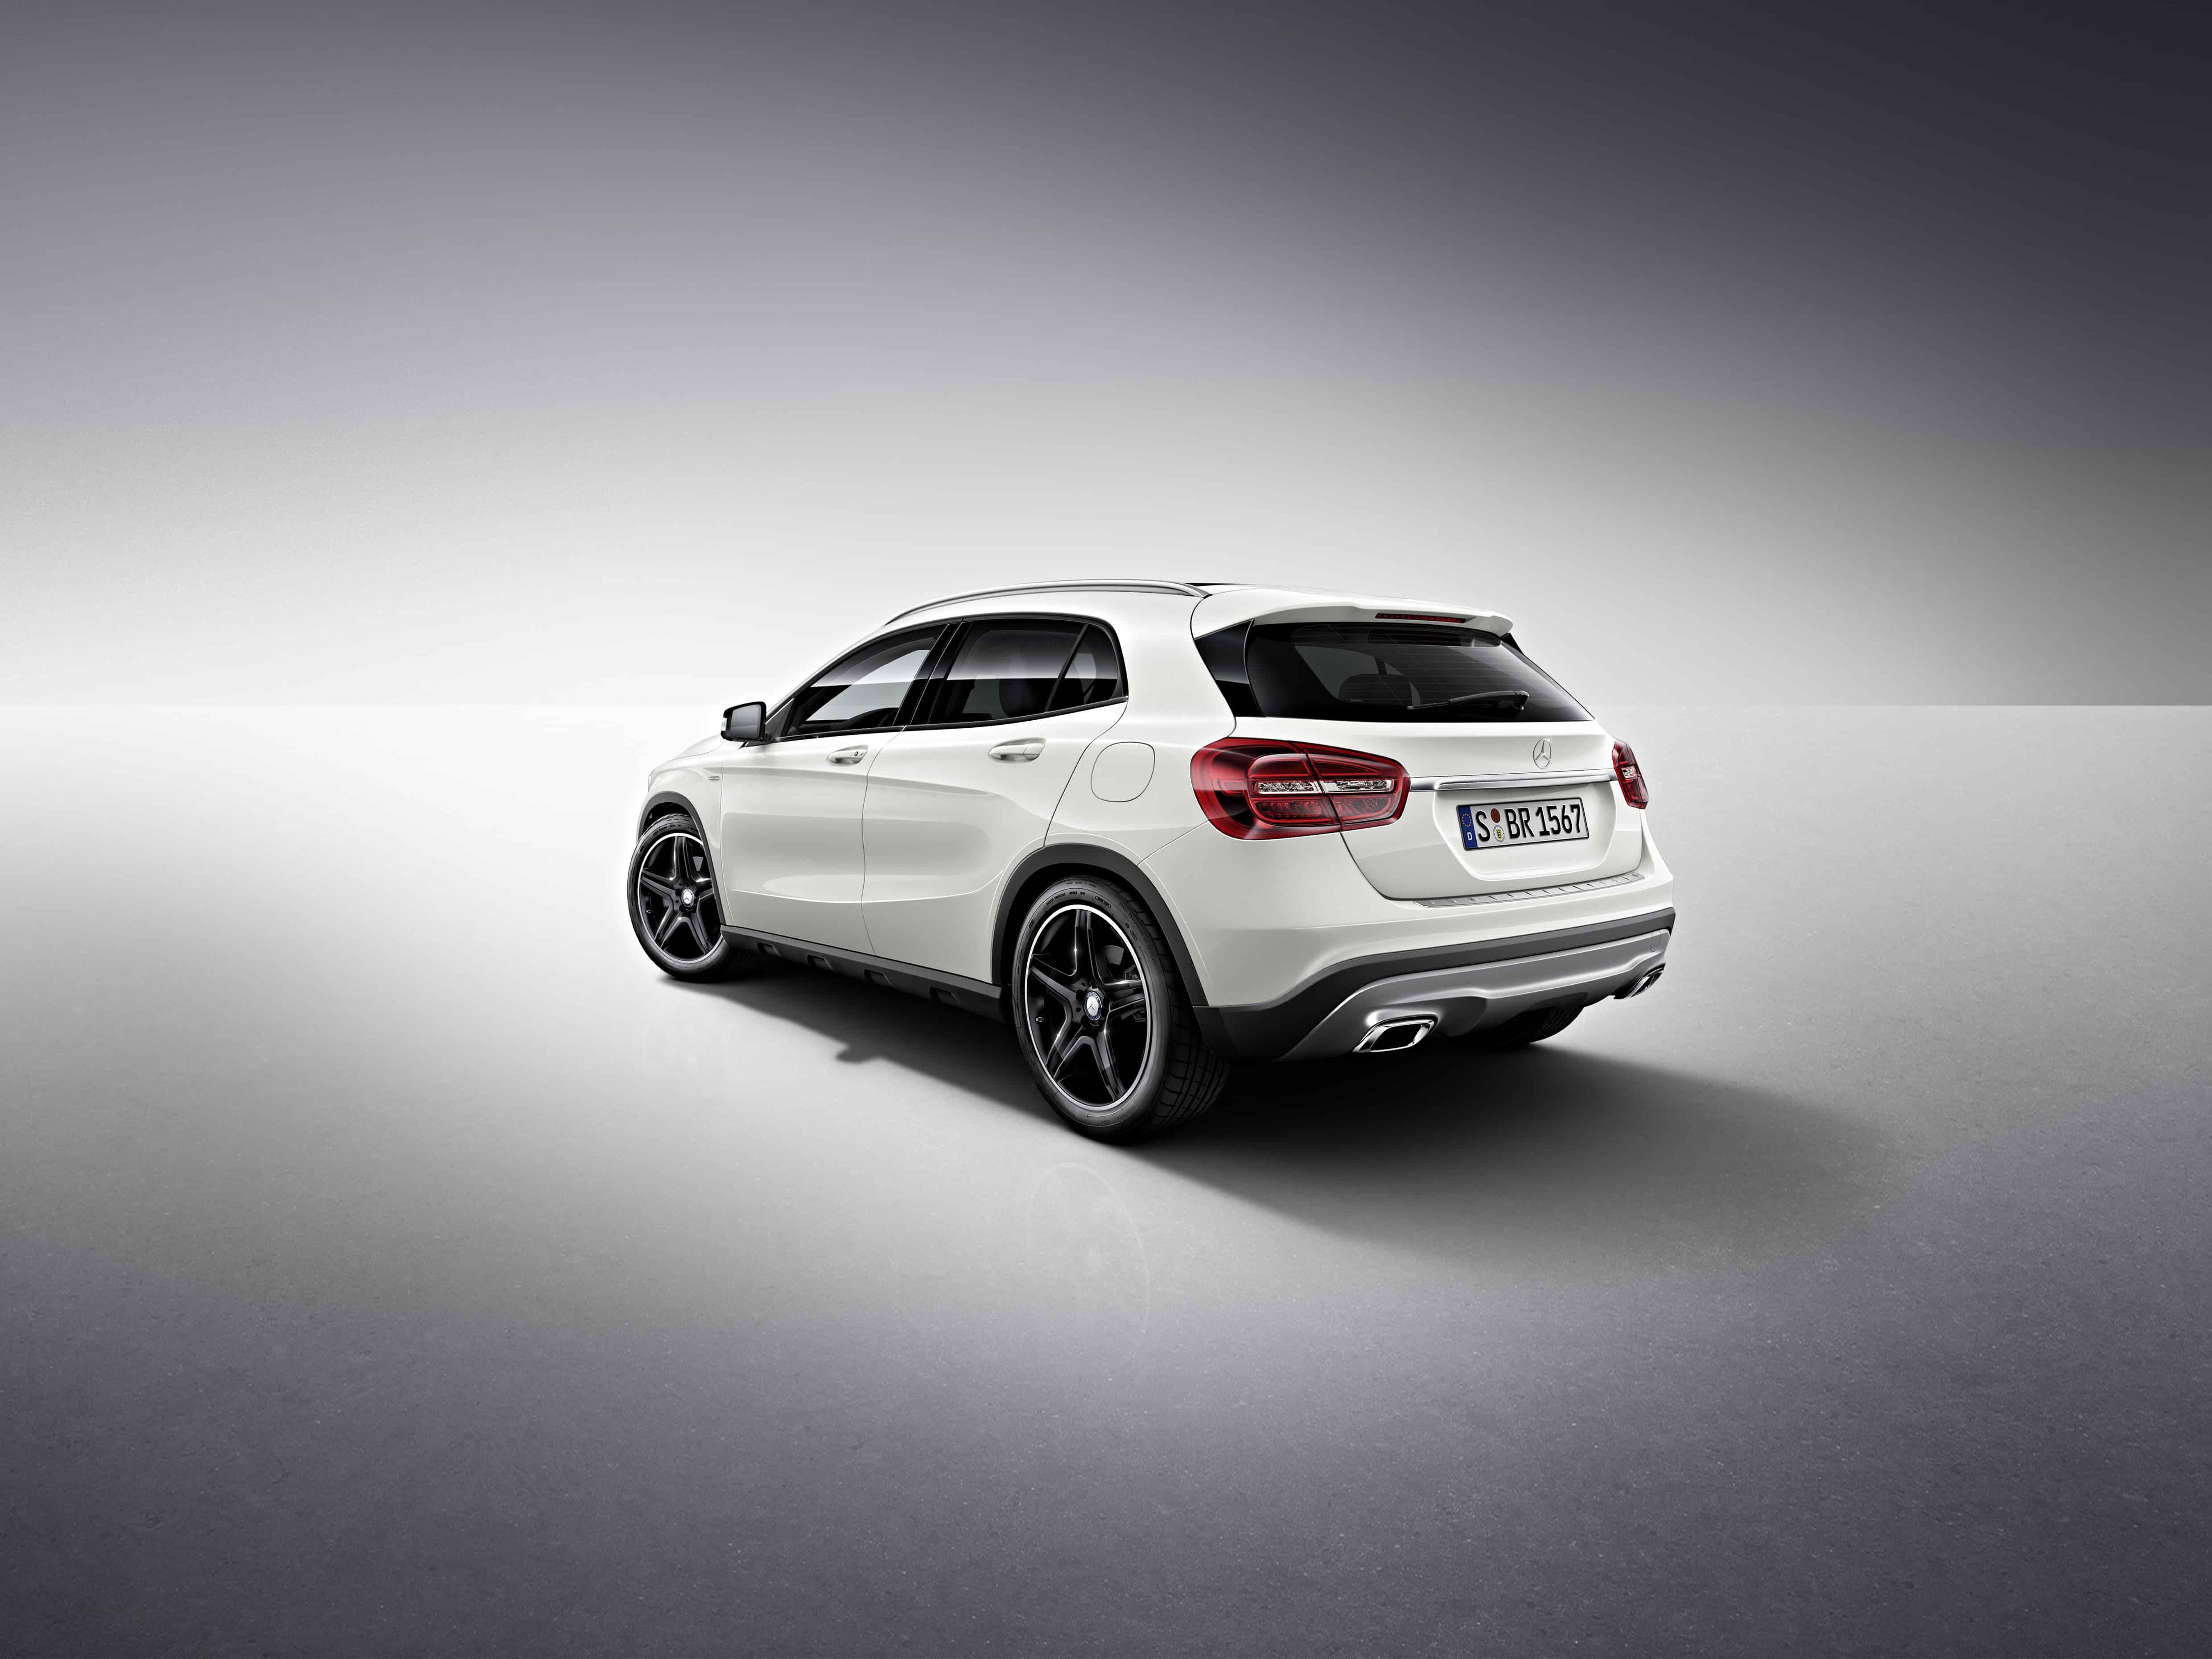 7abebaf22d Exklusives Modell zur Markteinführung. Stuttgart. Nach der erfolgreichen  Weltpremiere des Mercedes-Benz GLA ...